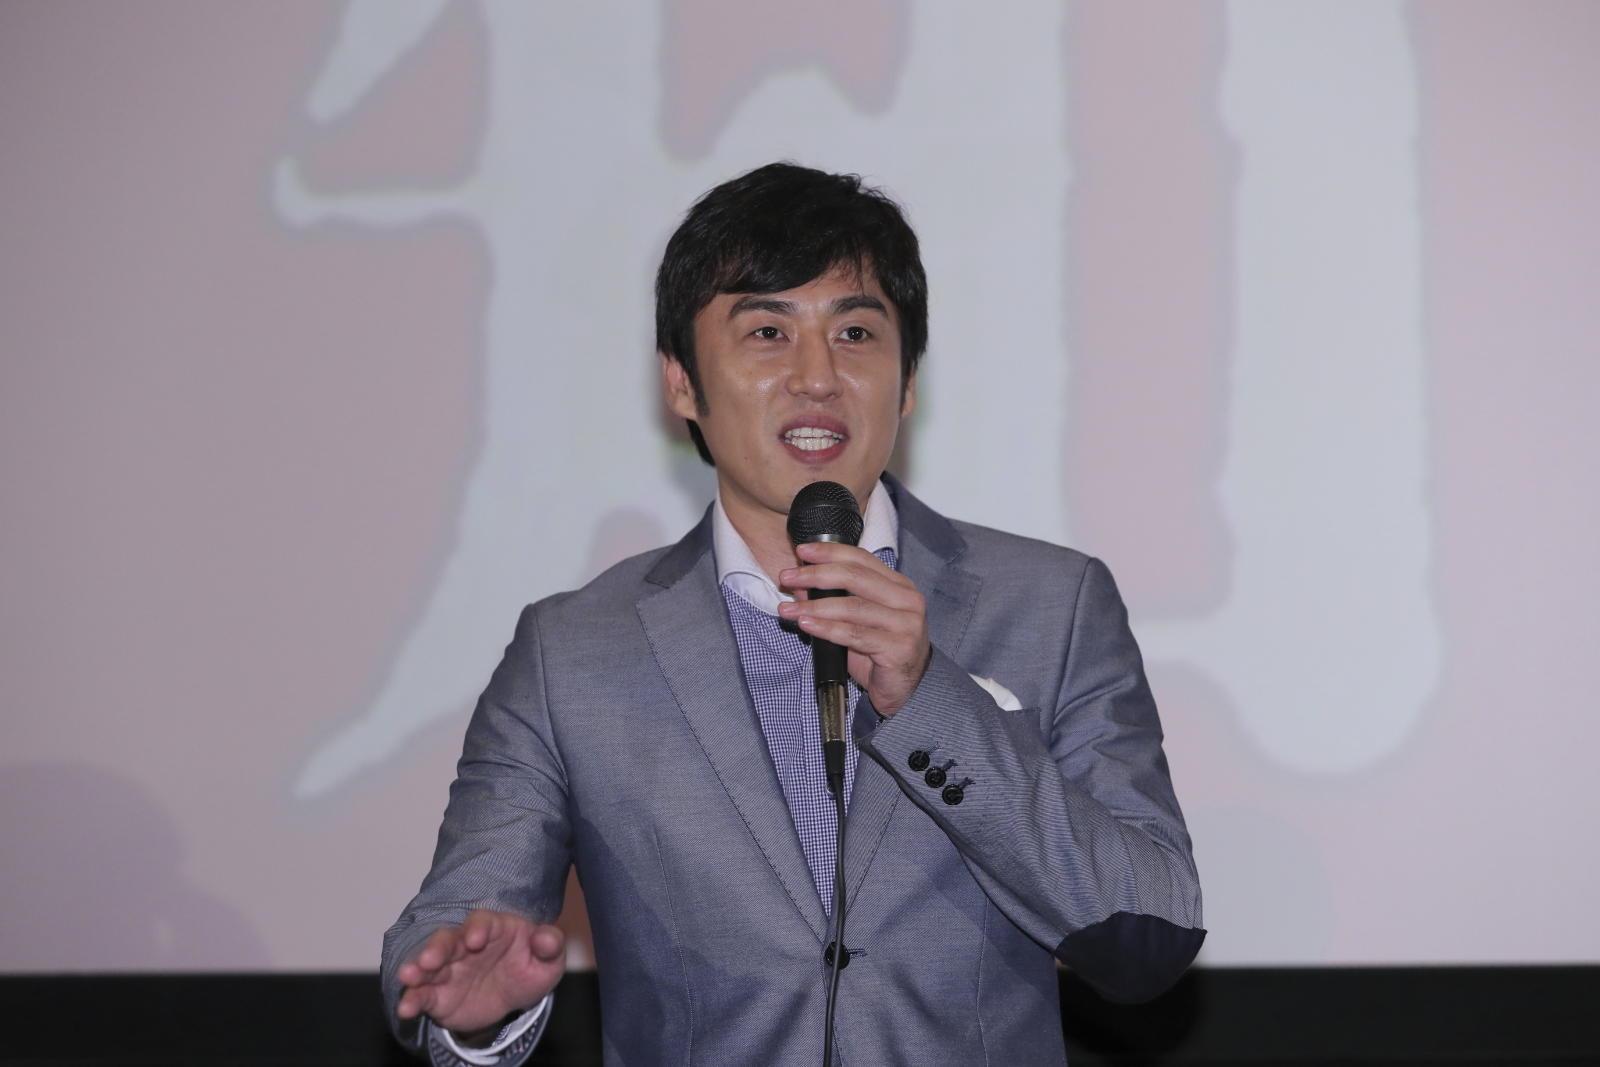 http://news.yoshimoto.co.jp/20170716174325-bfa7c545662ad1528e68f381c12b950b4ef8728f.jpg